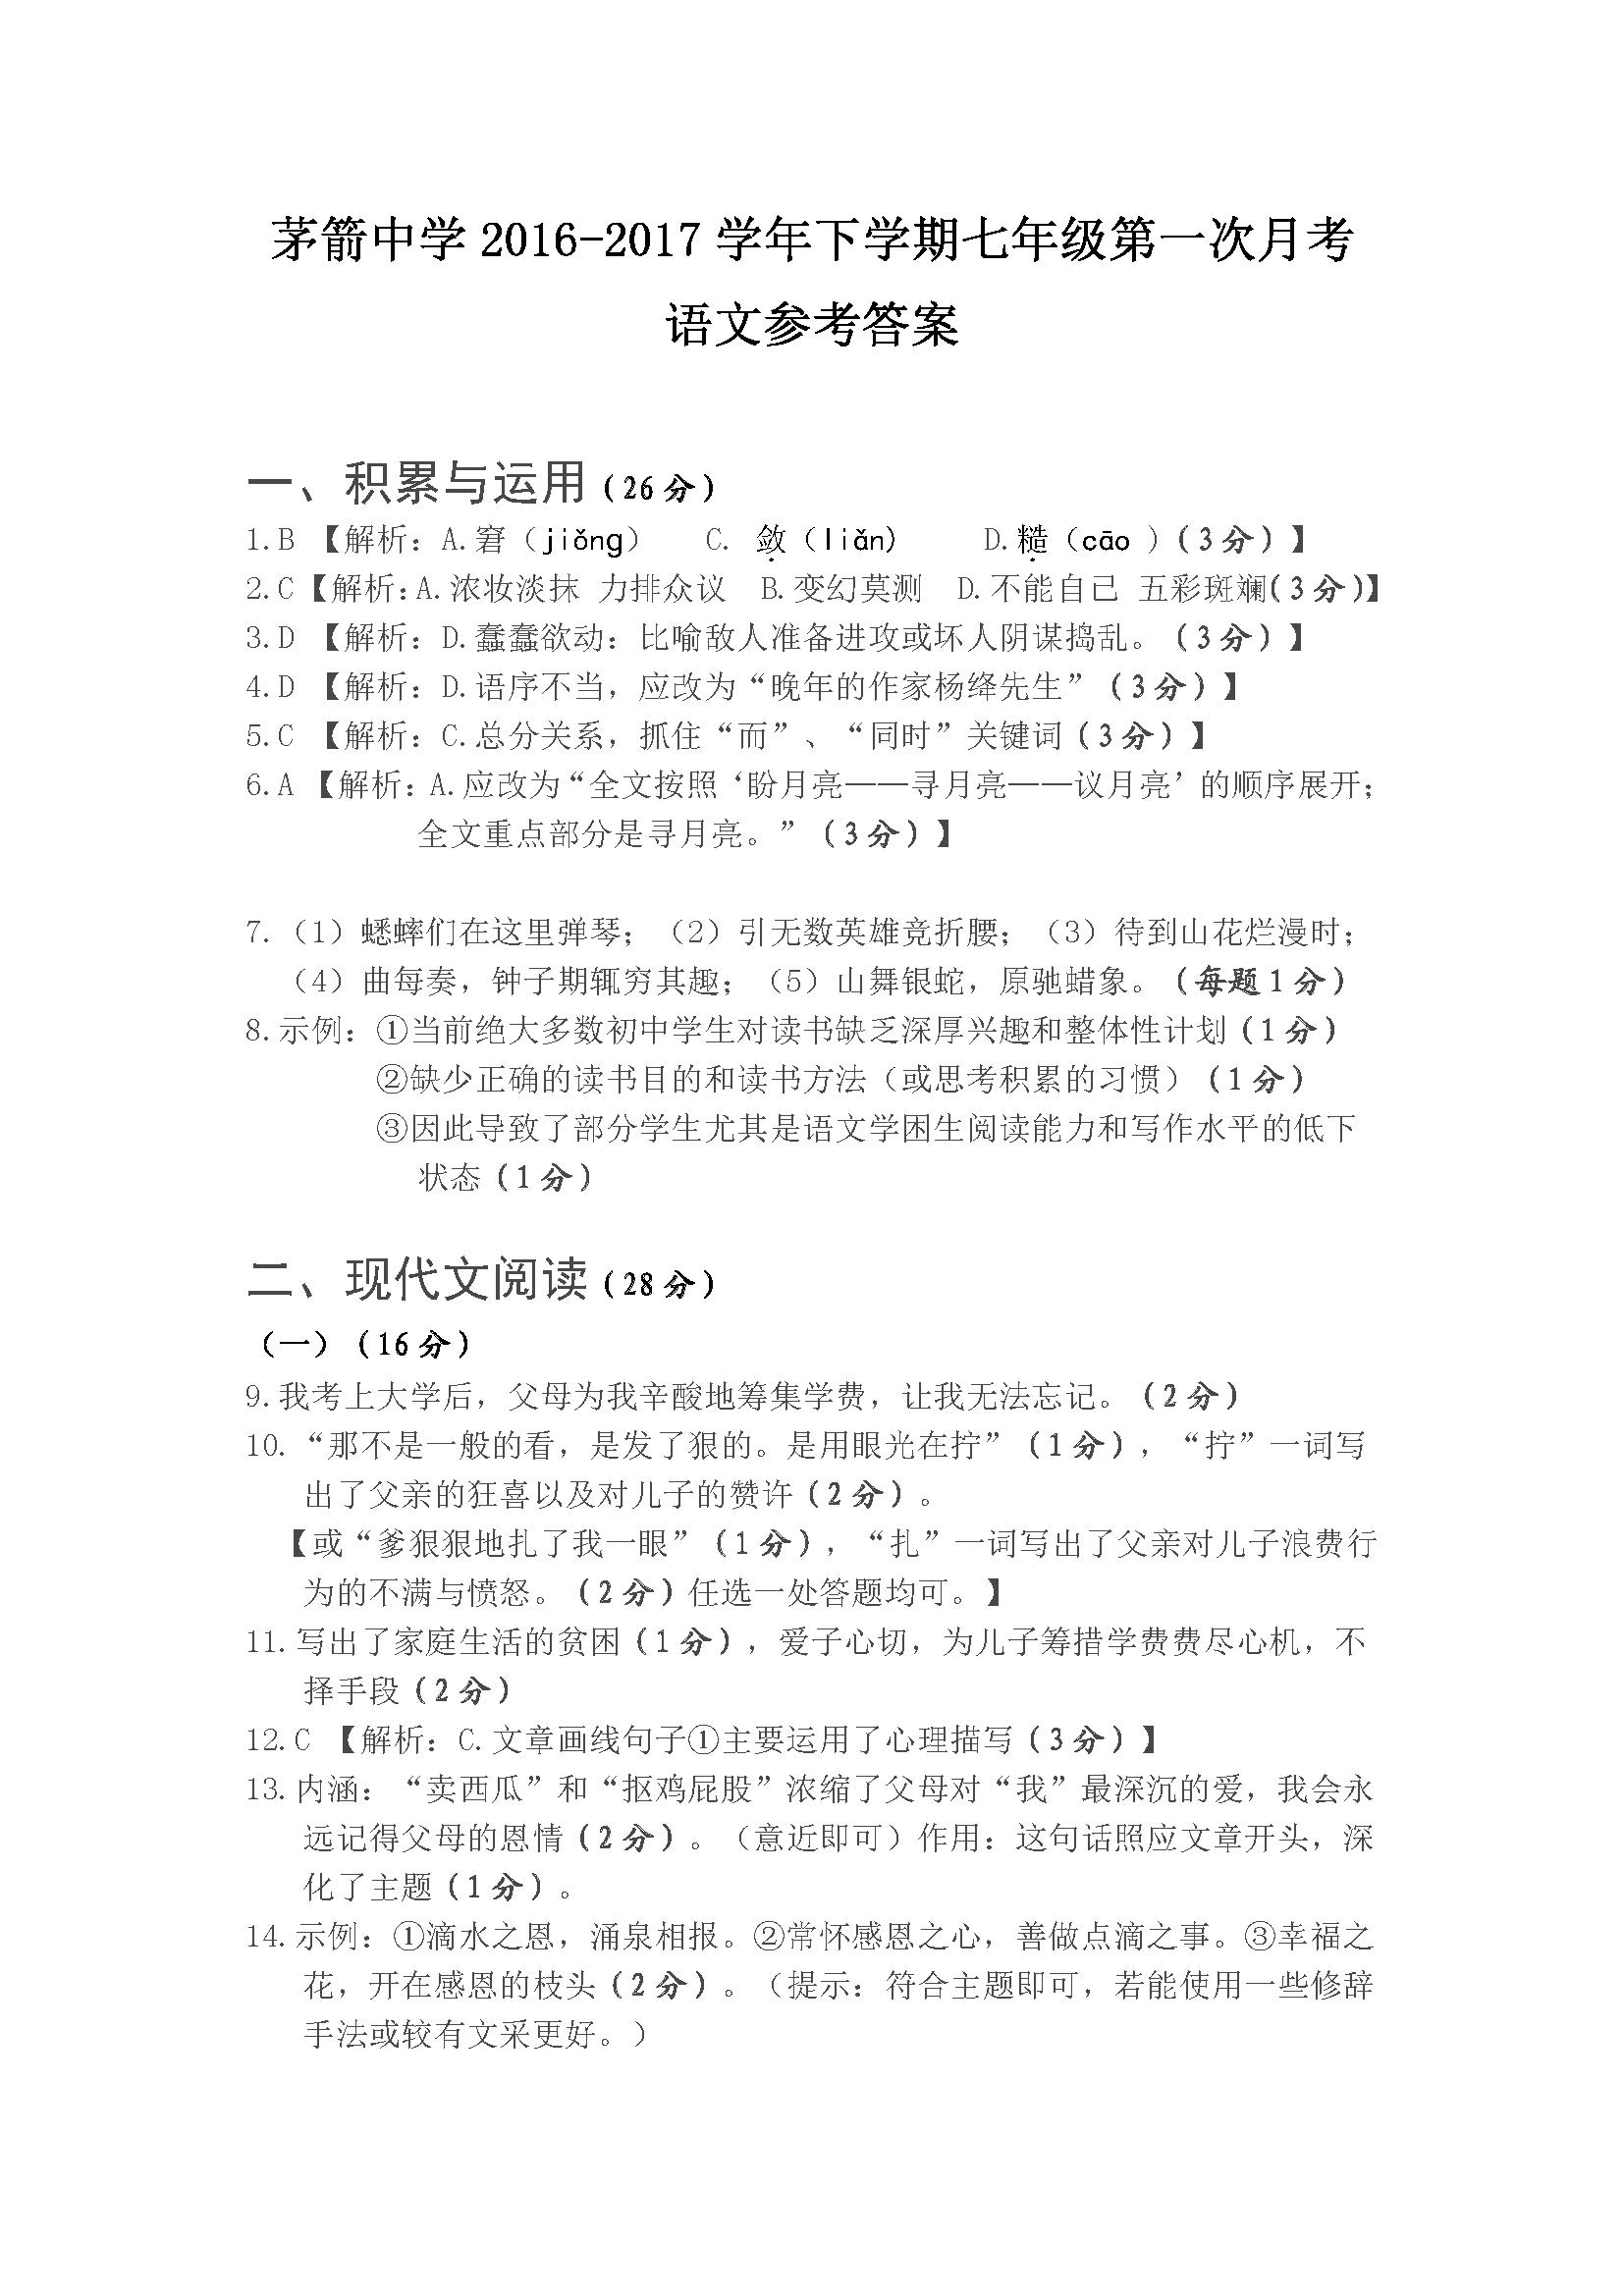 2017湖北十堰七年级下第一次月考语文试题(图片版)